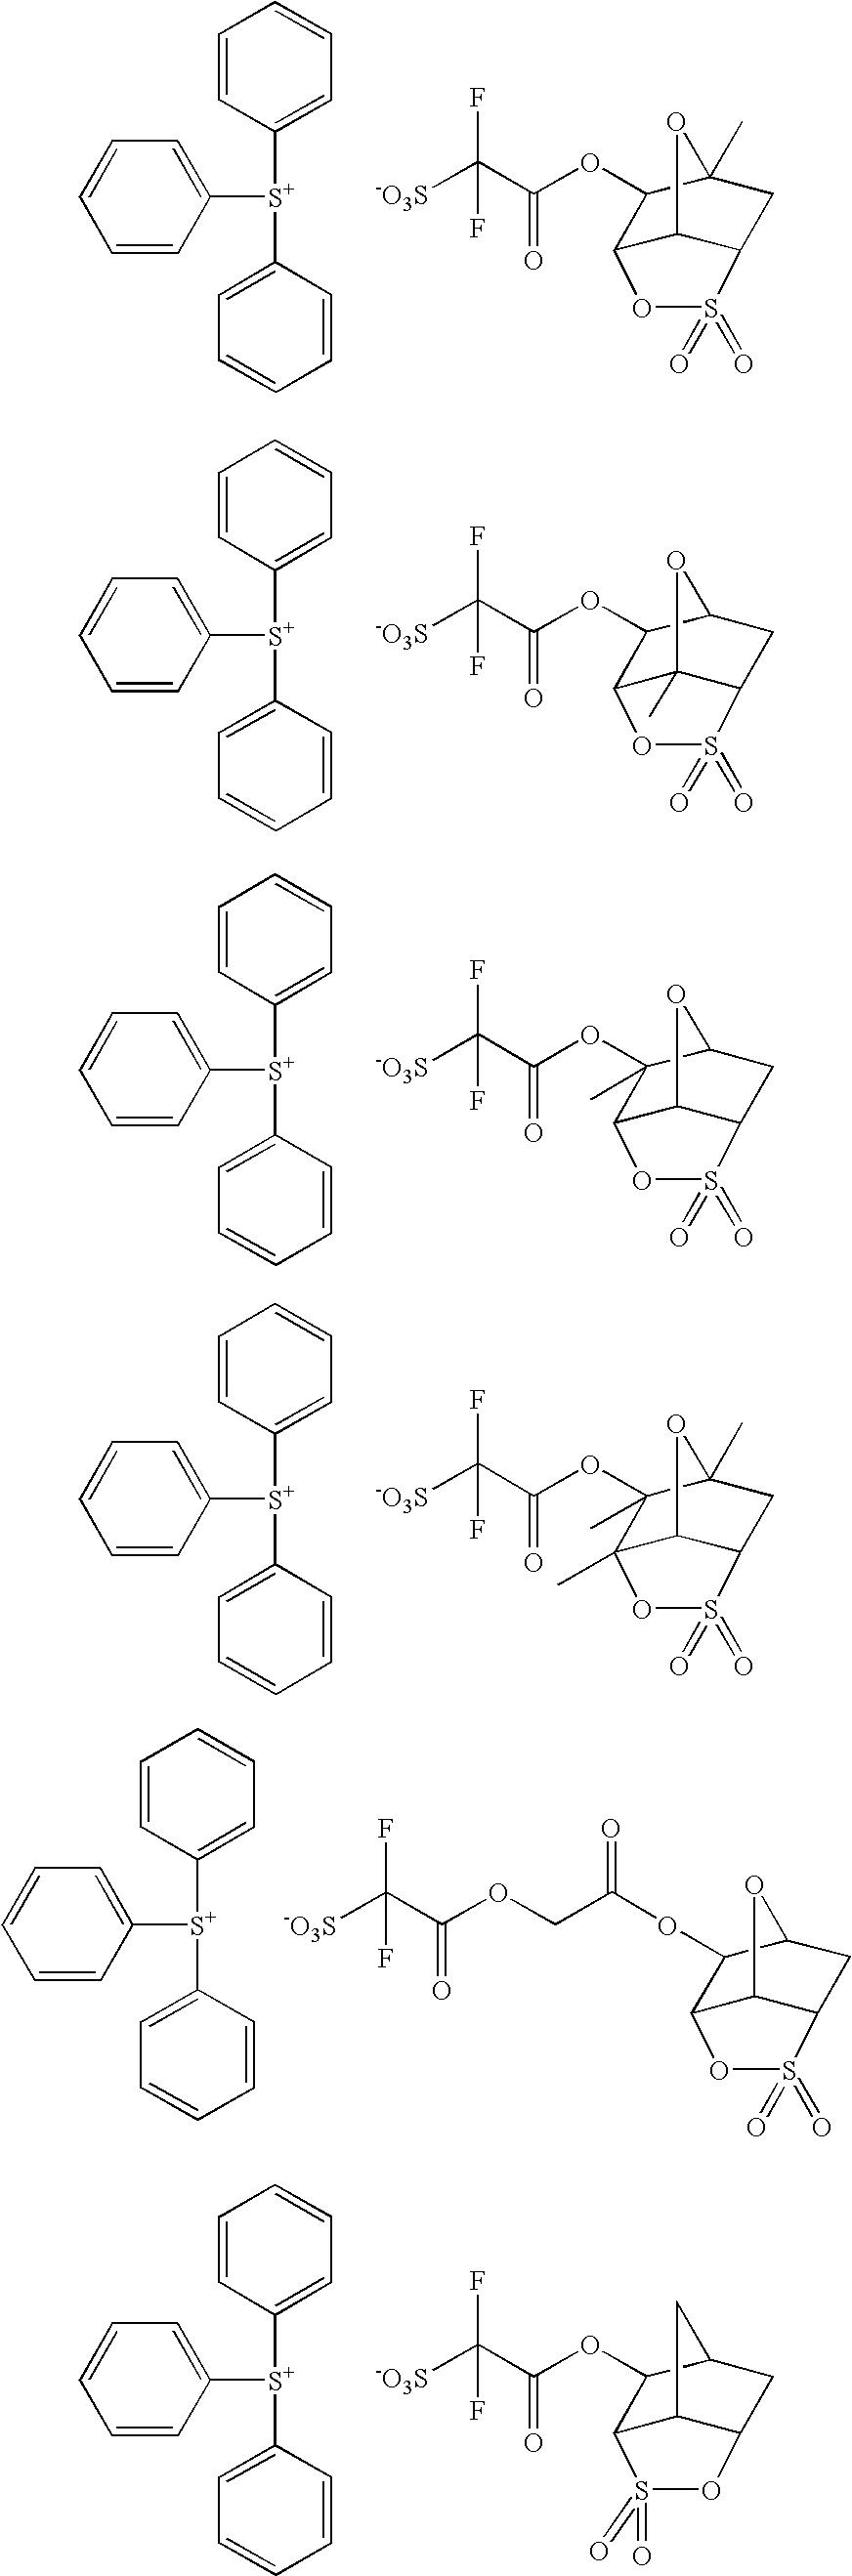 Figure US20100323296A1-20101223-C00153